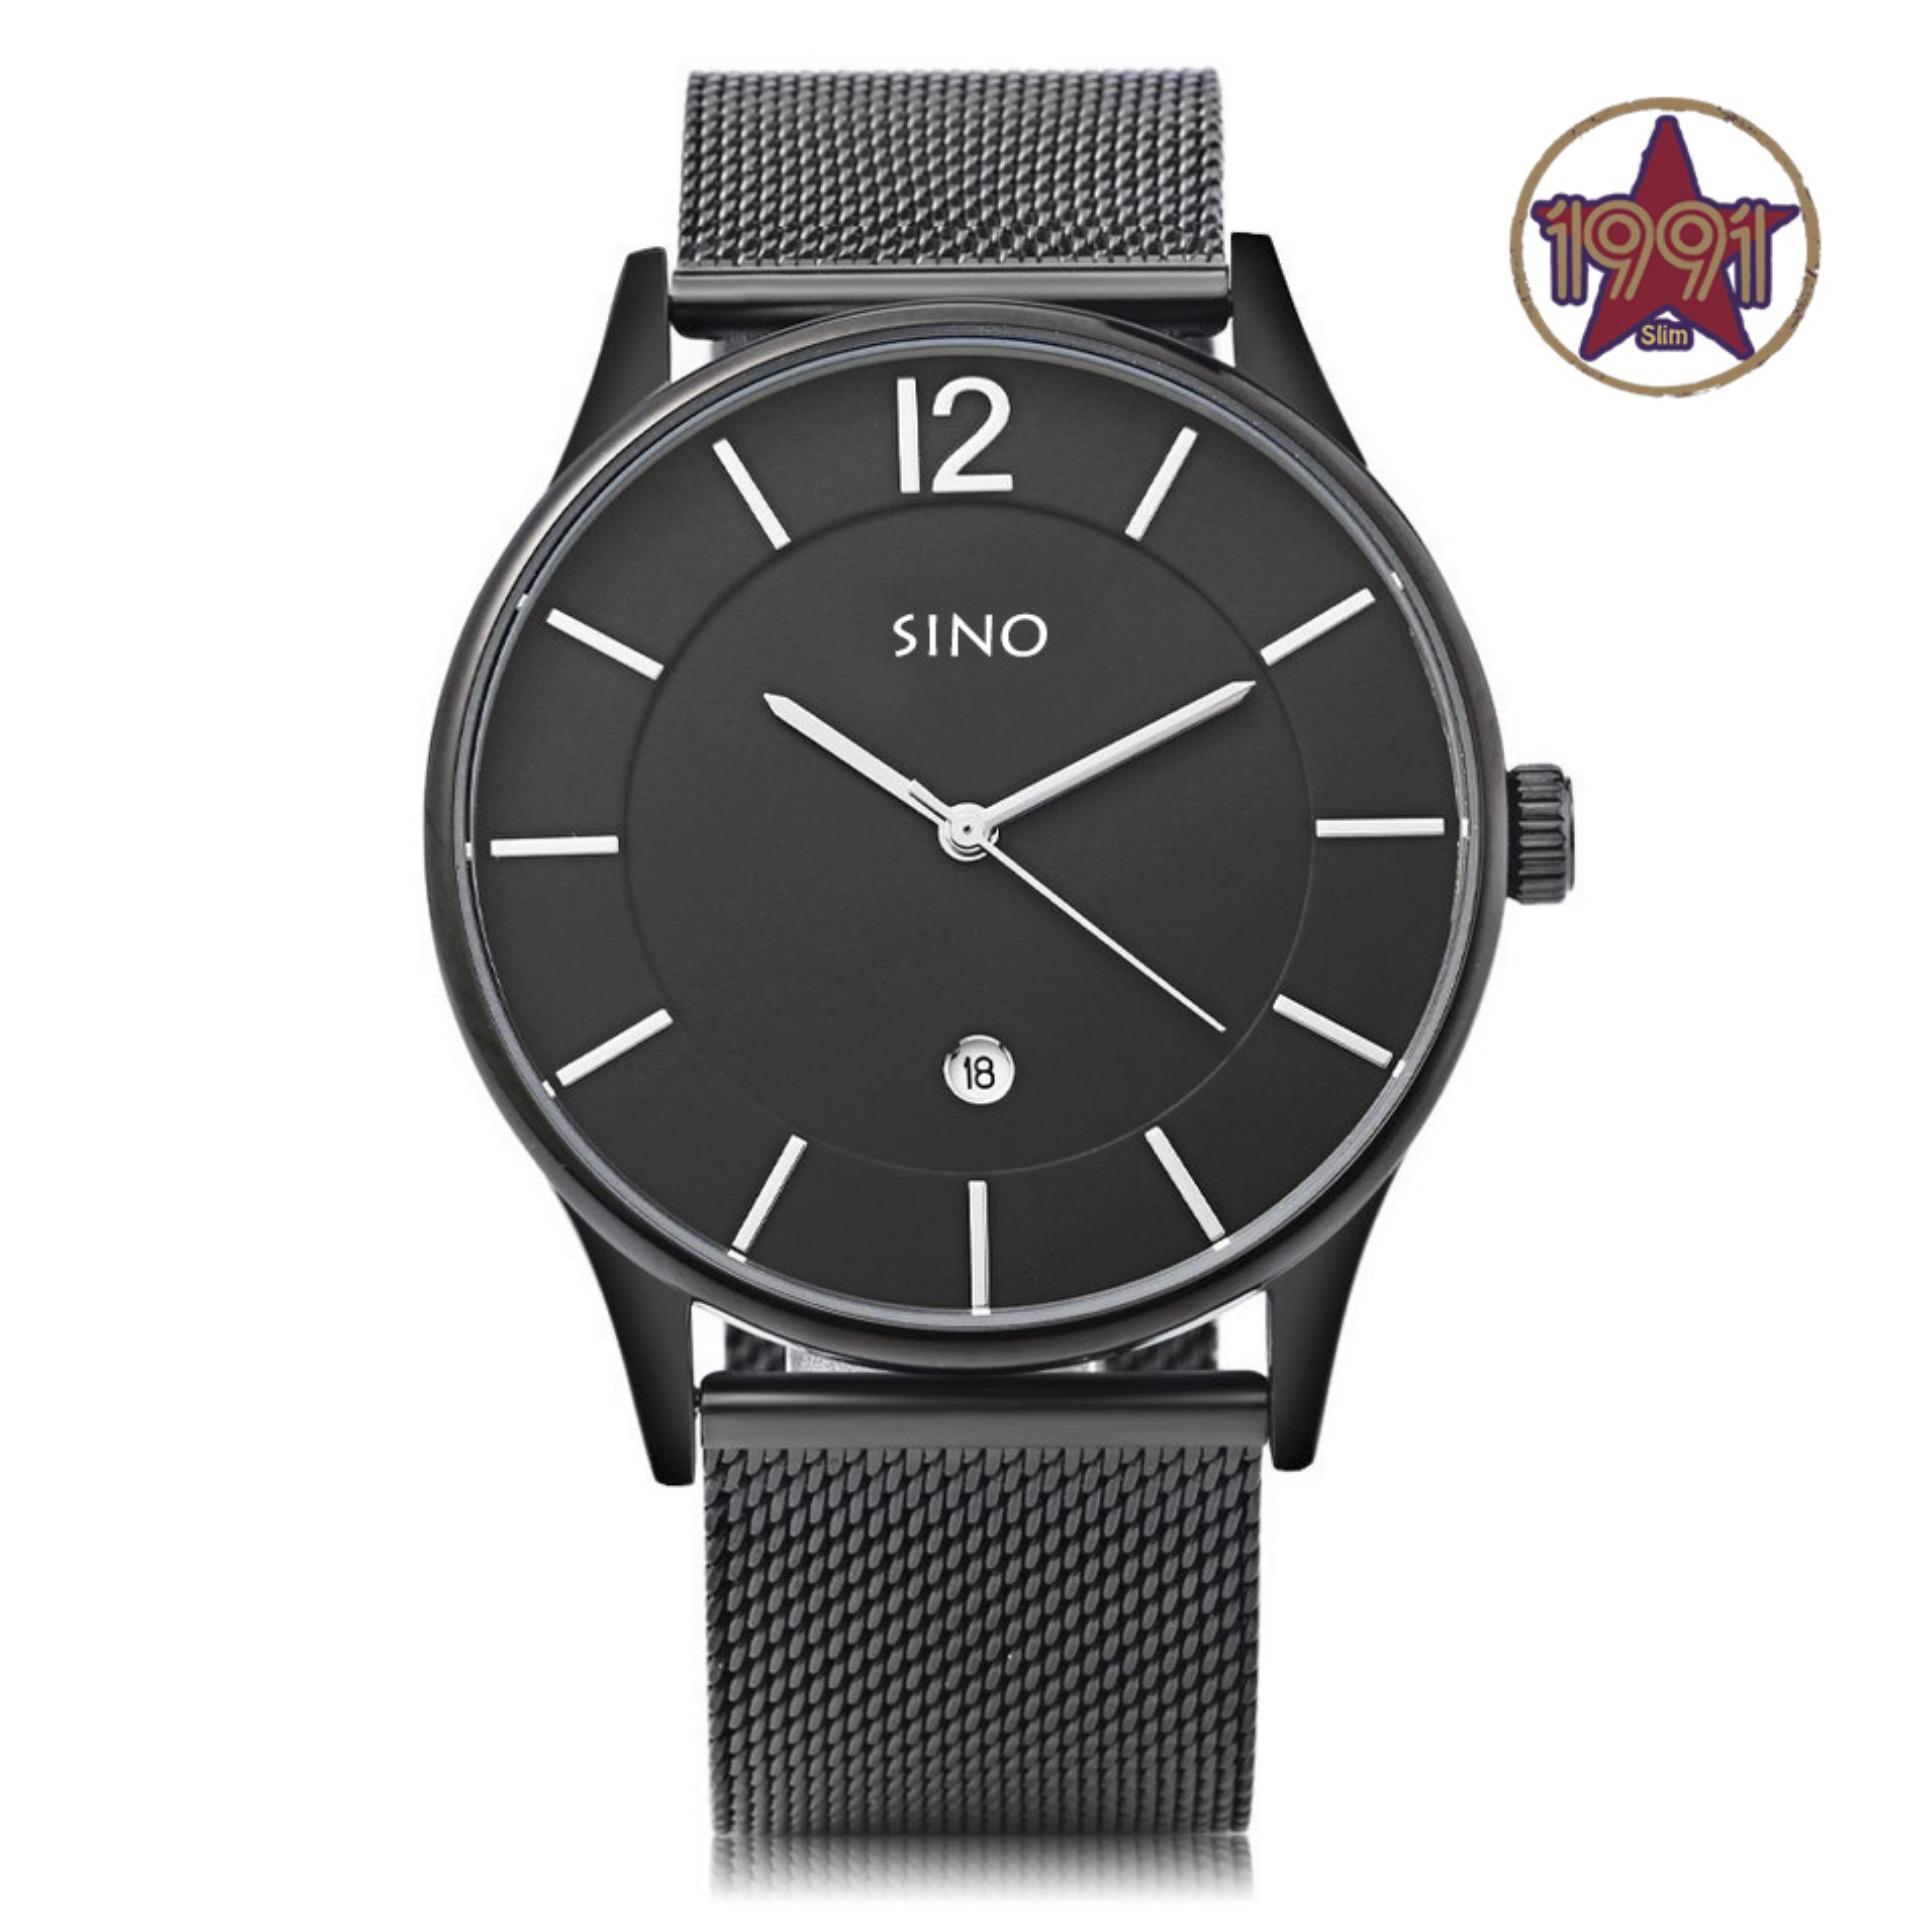 Đồng hồ nam dây thép không gỉ mặt mỏng Sino Japan Movt S6147 Đen- Kim bạc